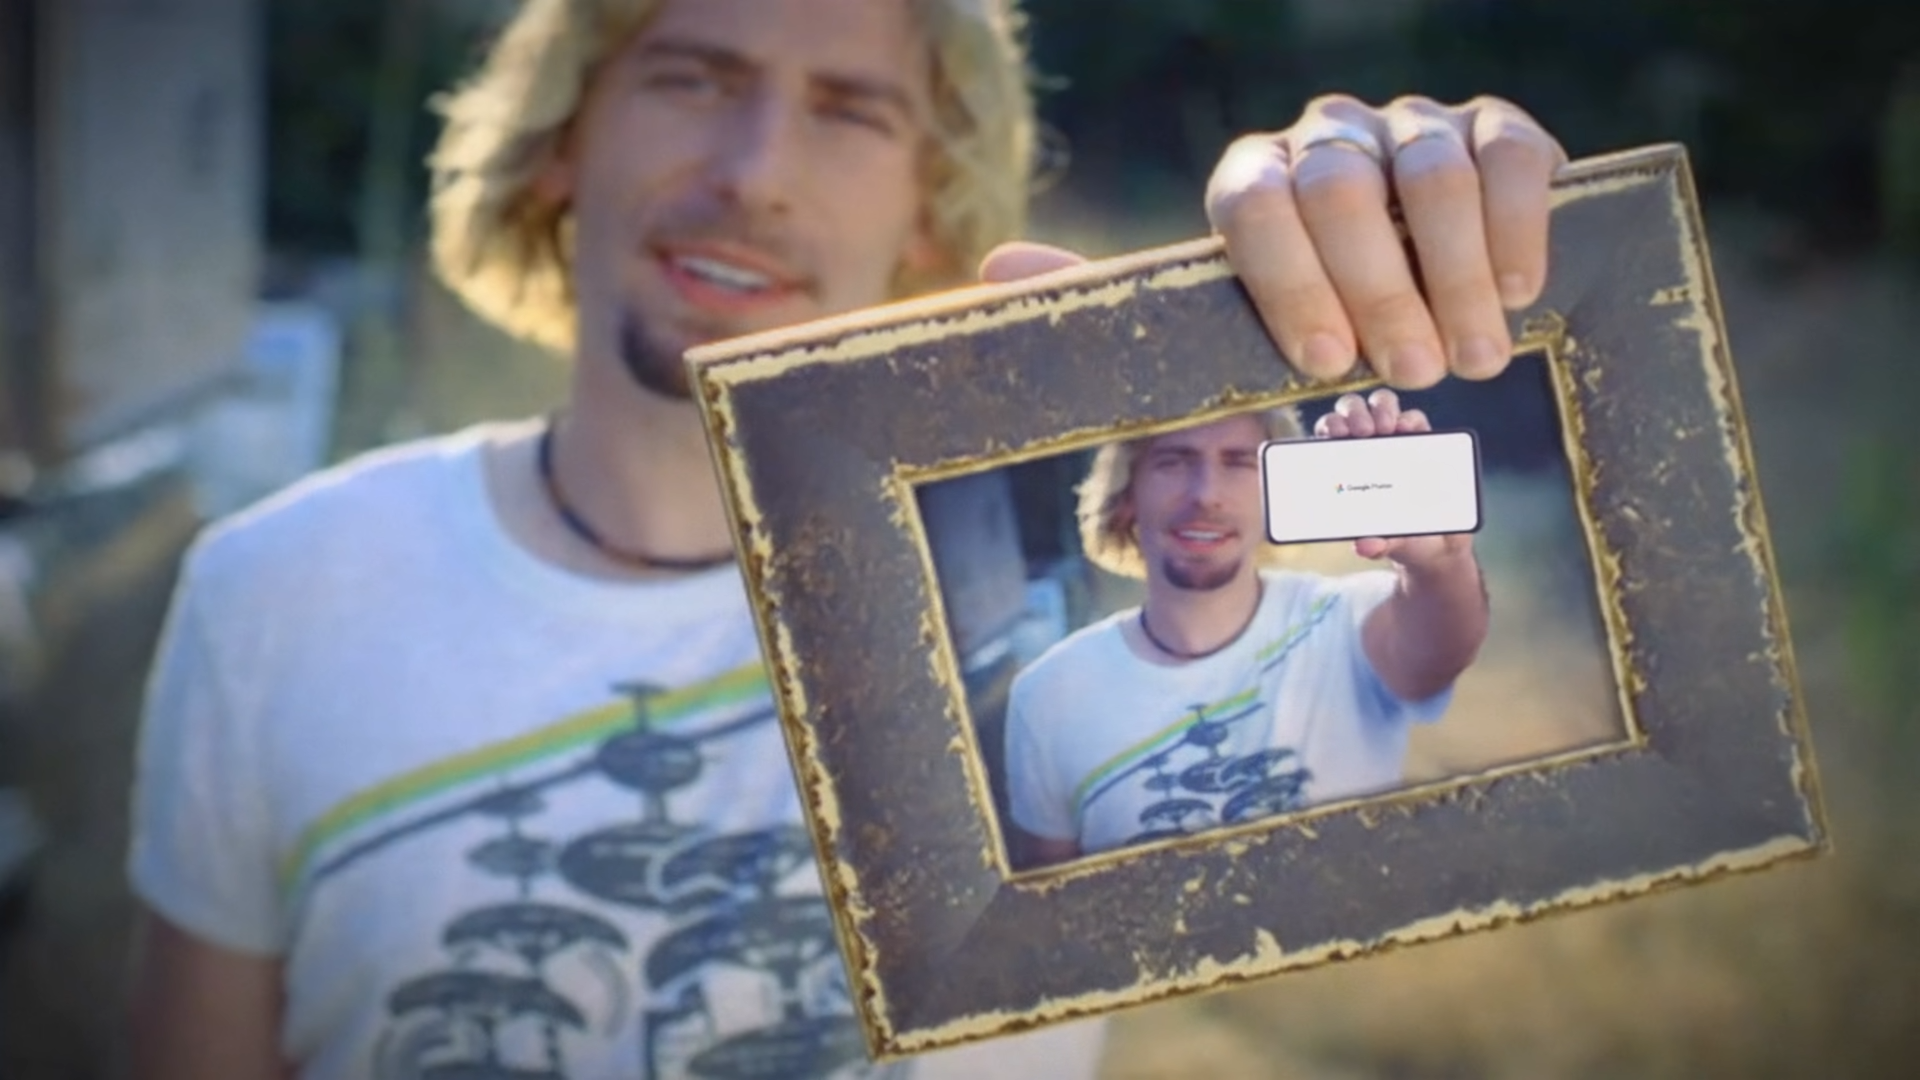 Reklama Google Photos z Nickelback